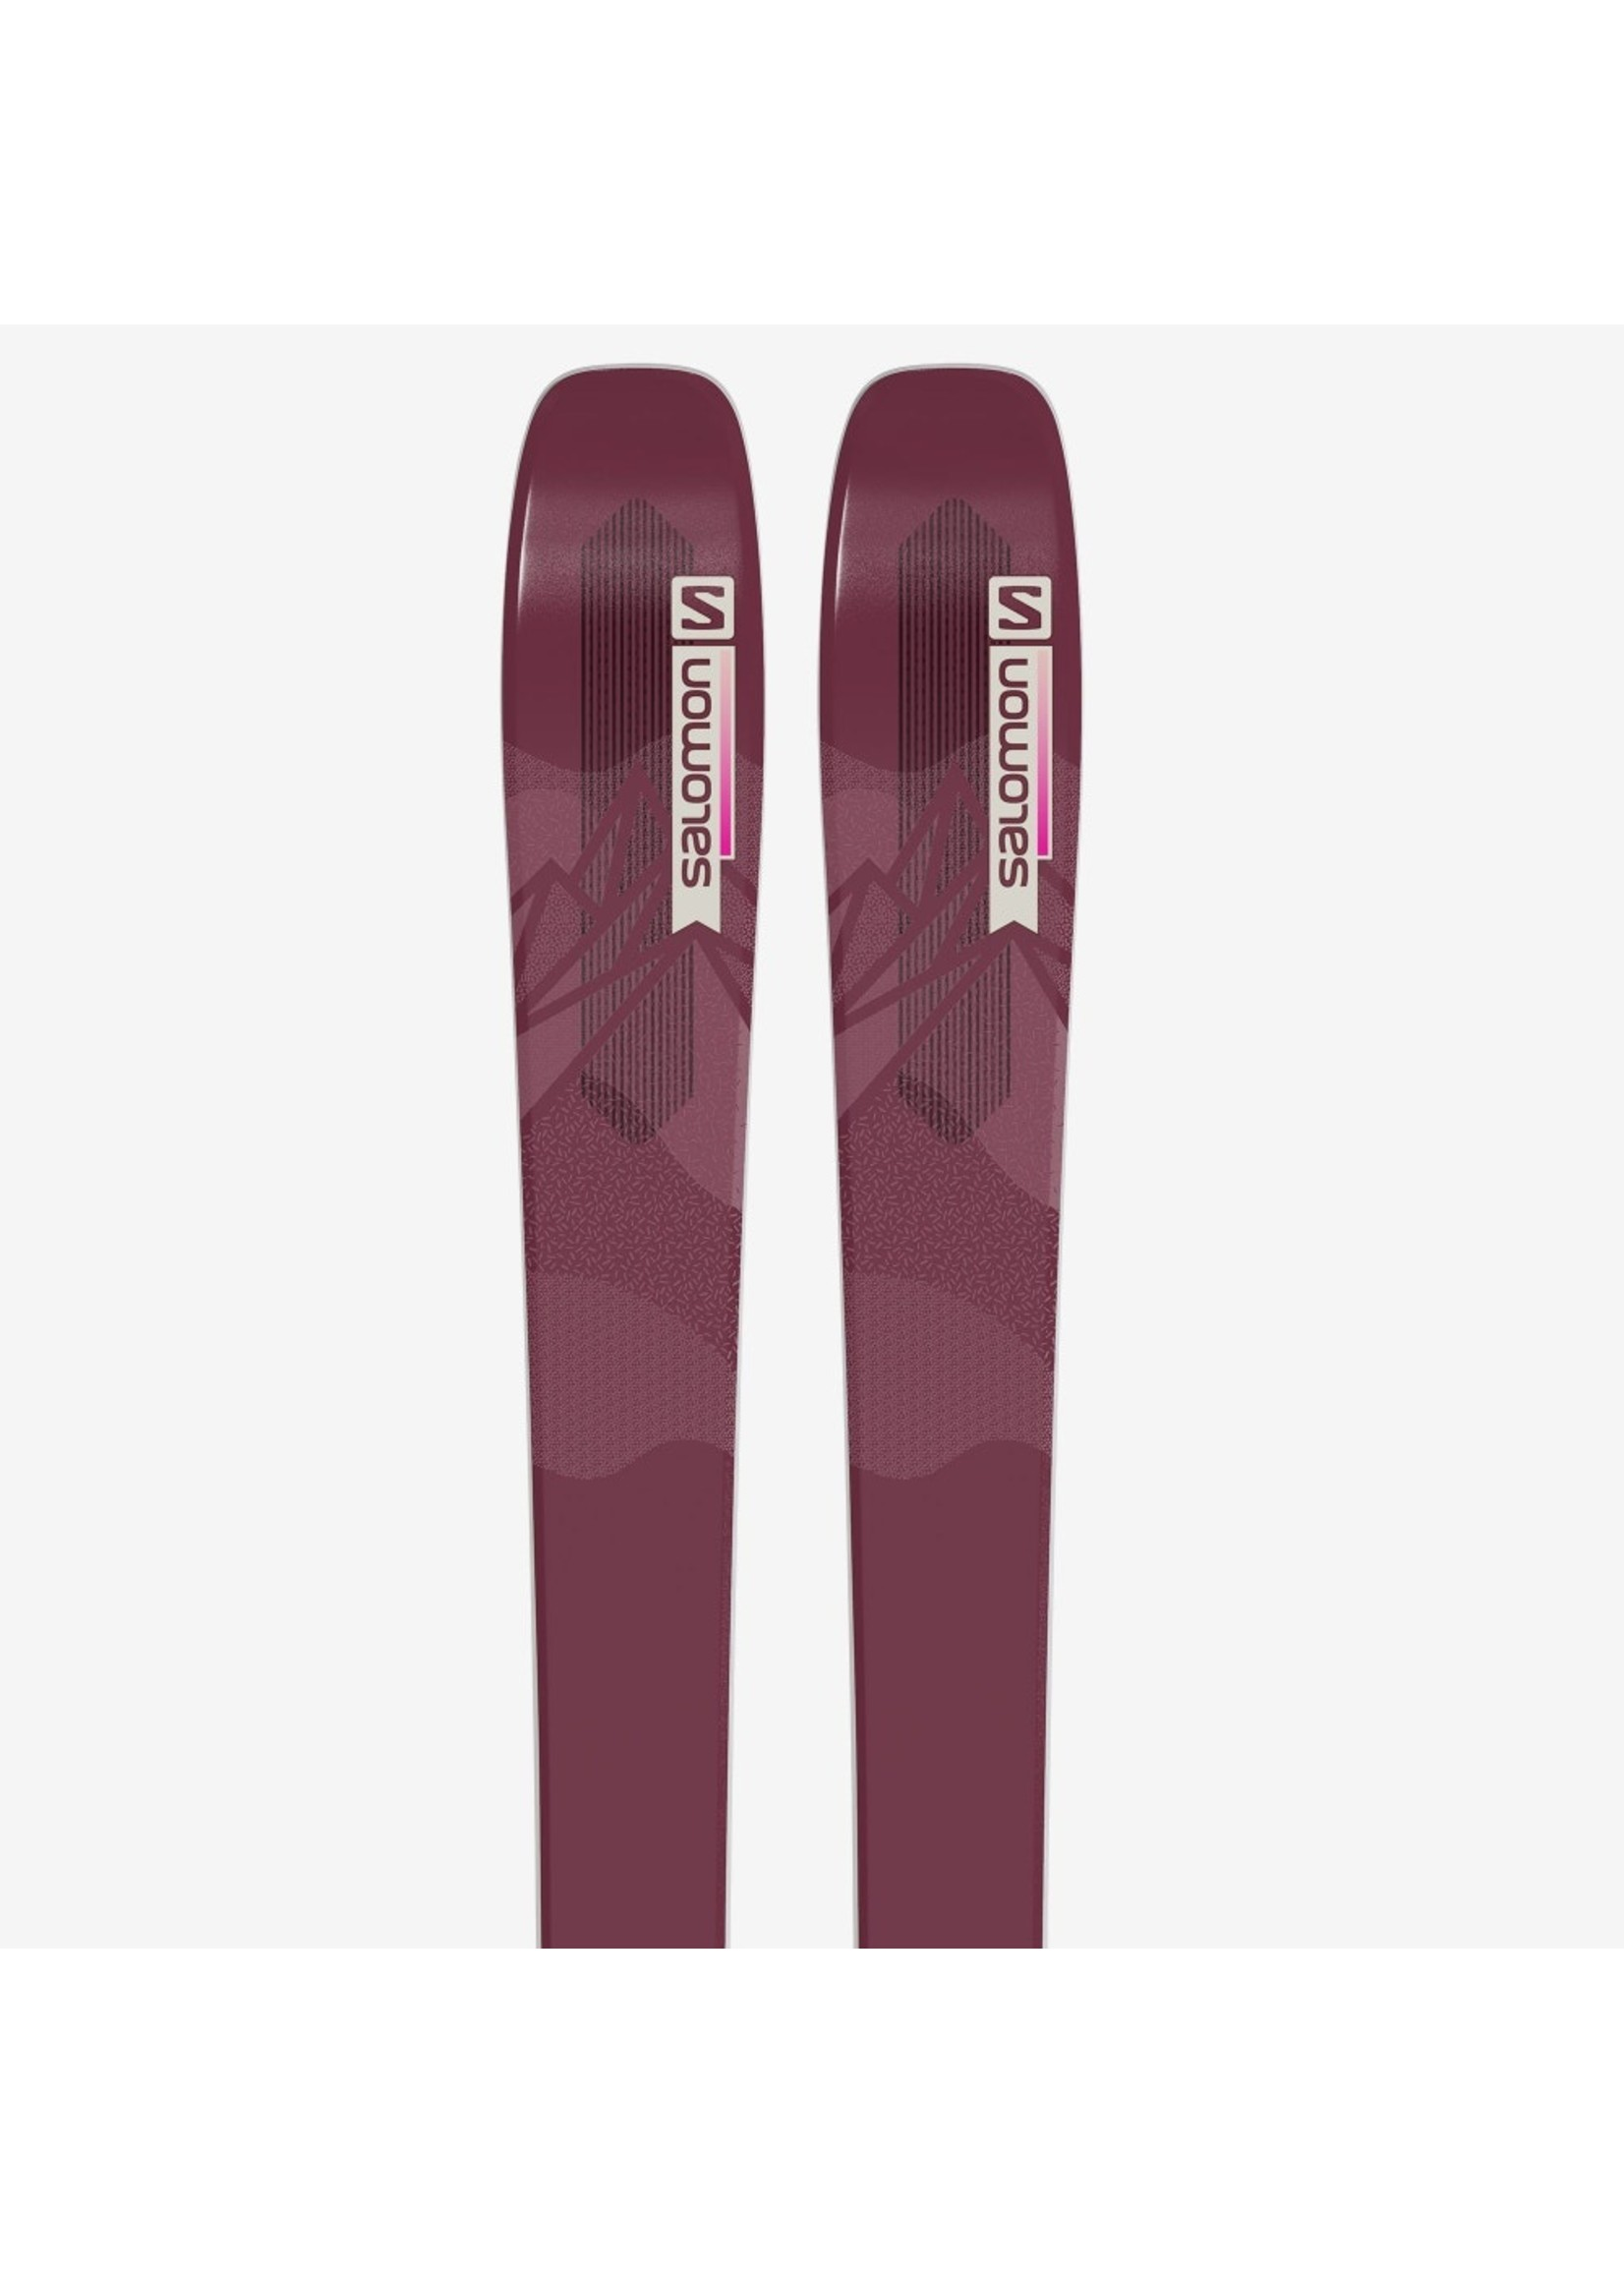 Salomon SKIS N QST LUX 92 Bordeau/Pink